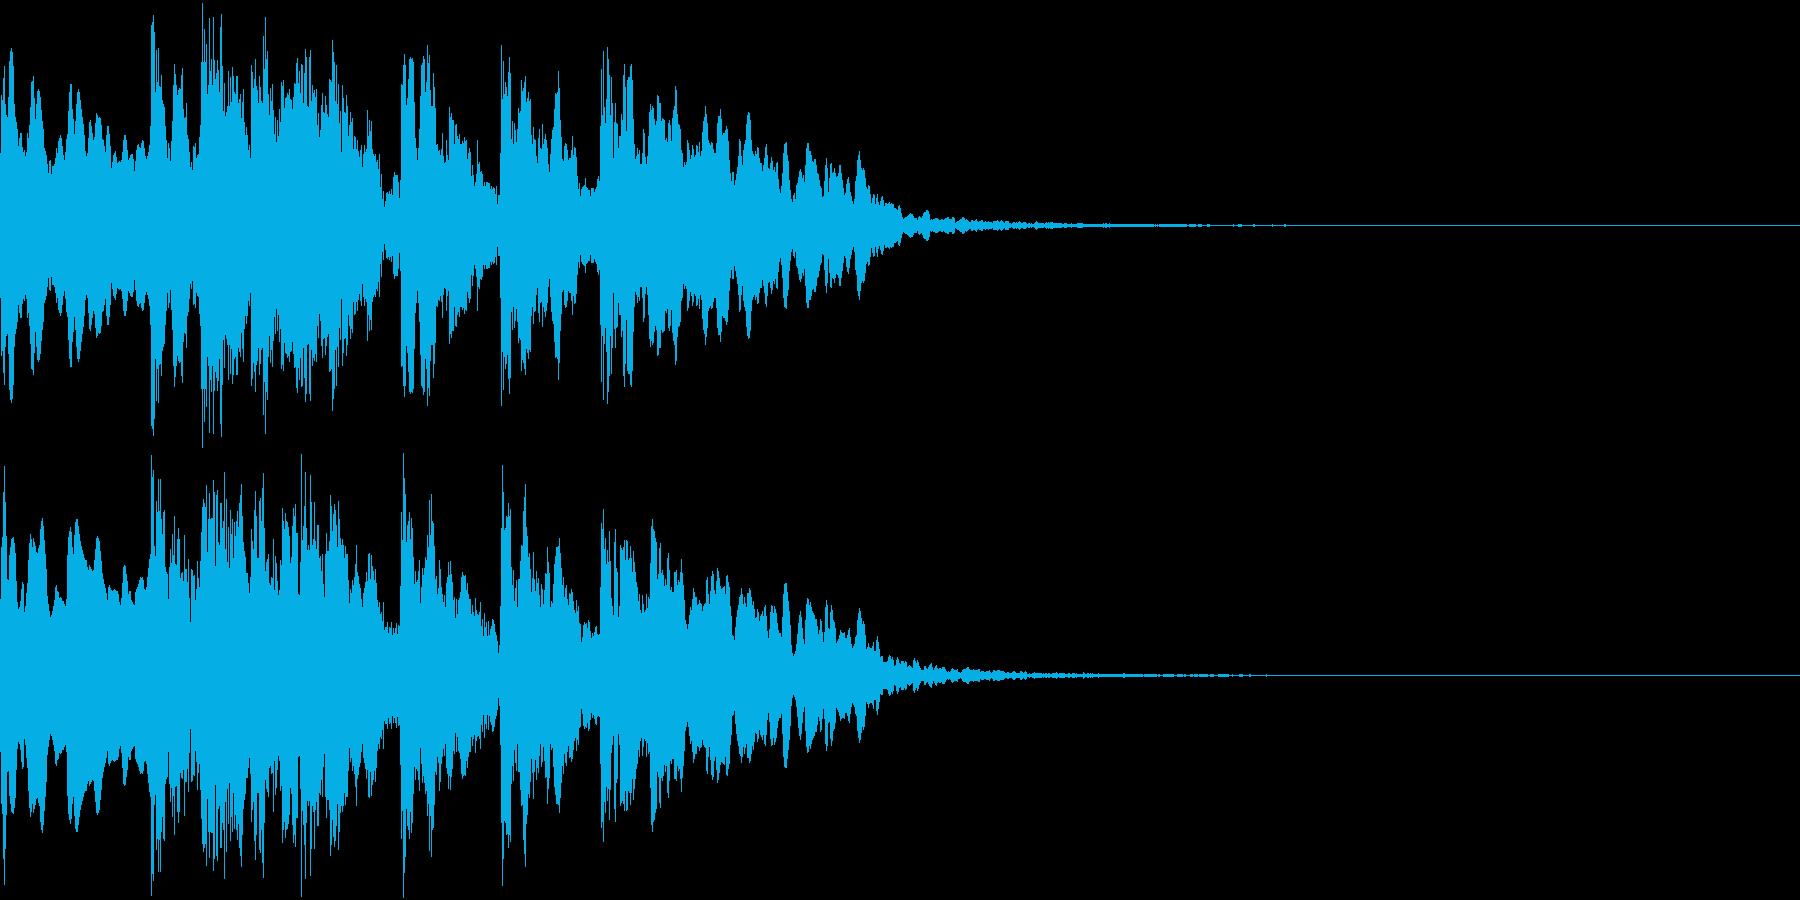 ファンファーレ 正解 当たり 紹介の再生済みの波形